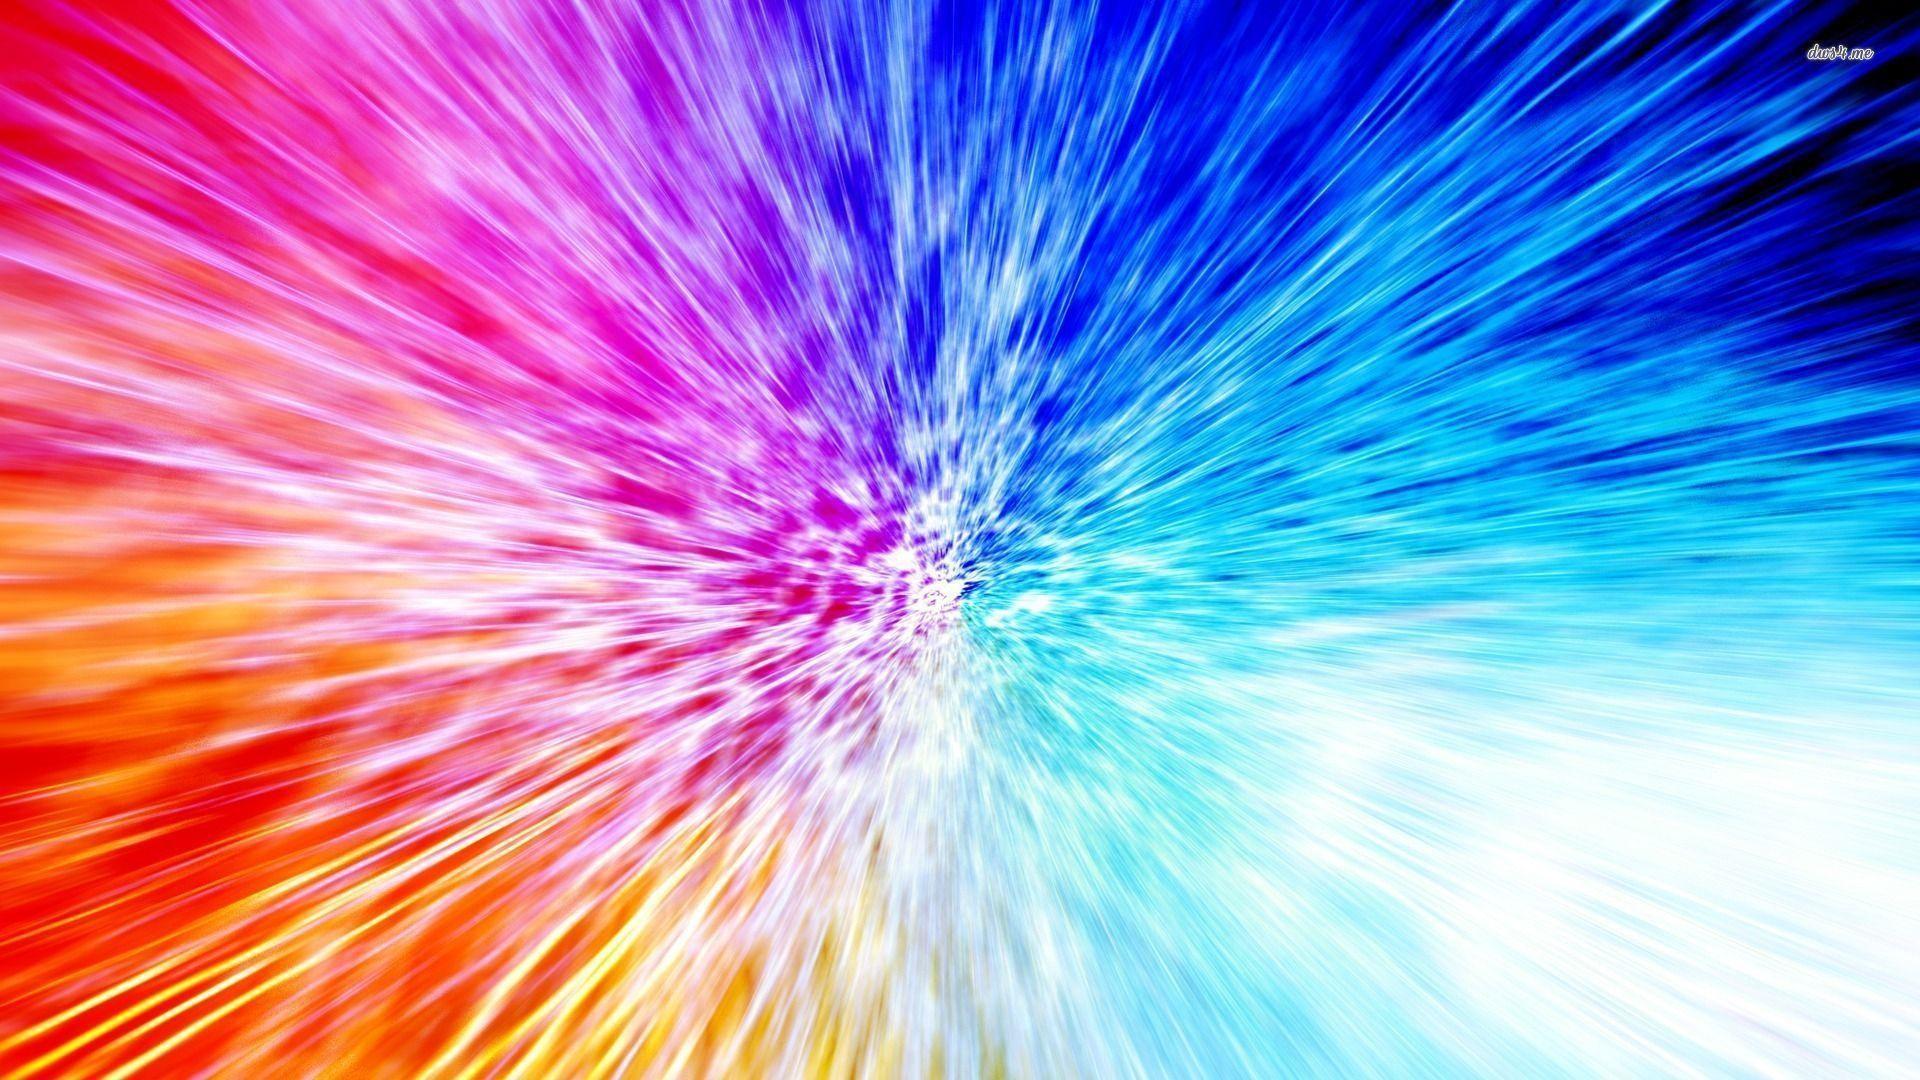 Res: 1920x1080, Fonds d'écran Explosion : tous les wallpapers Explosion